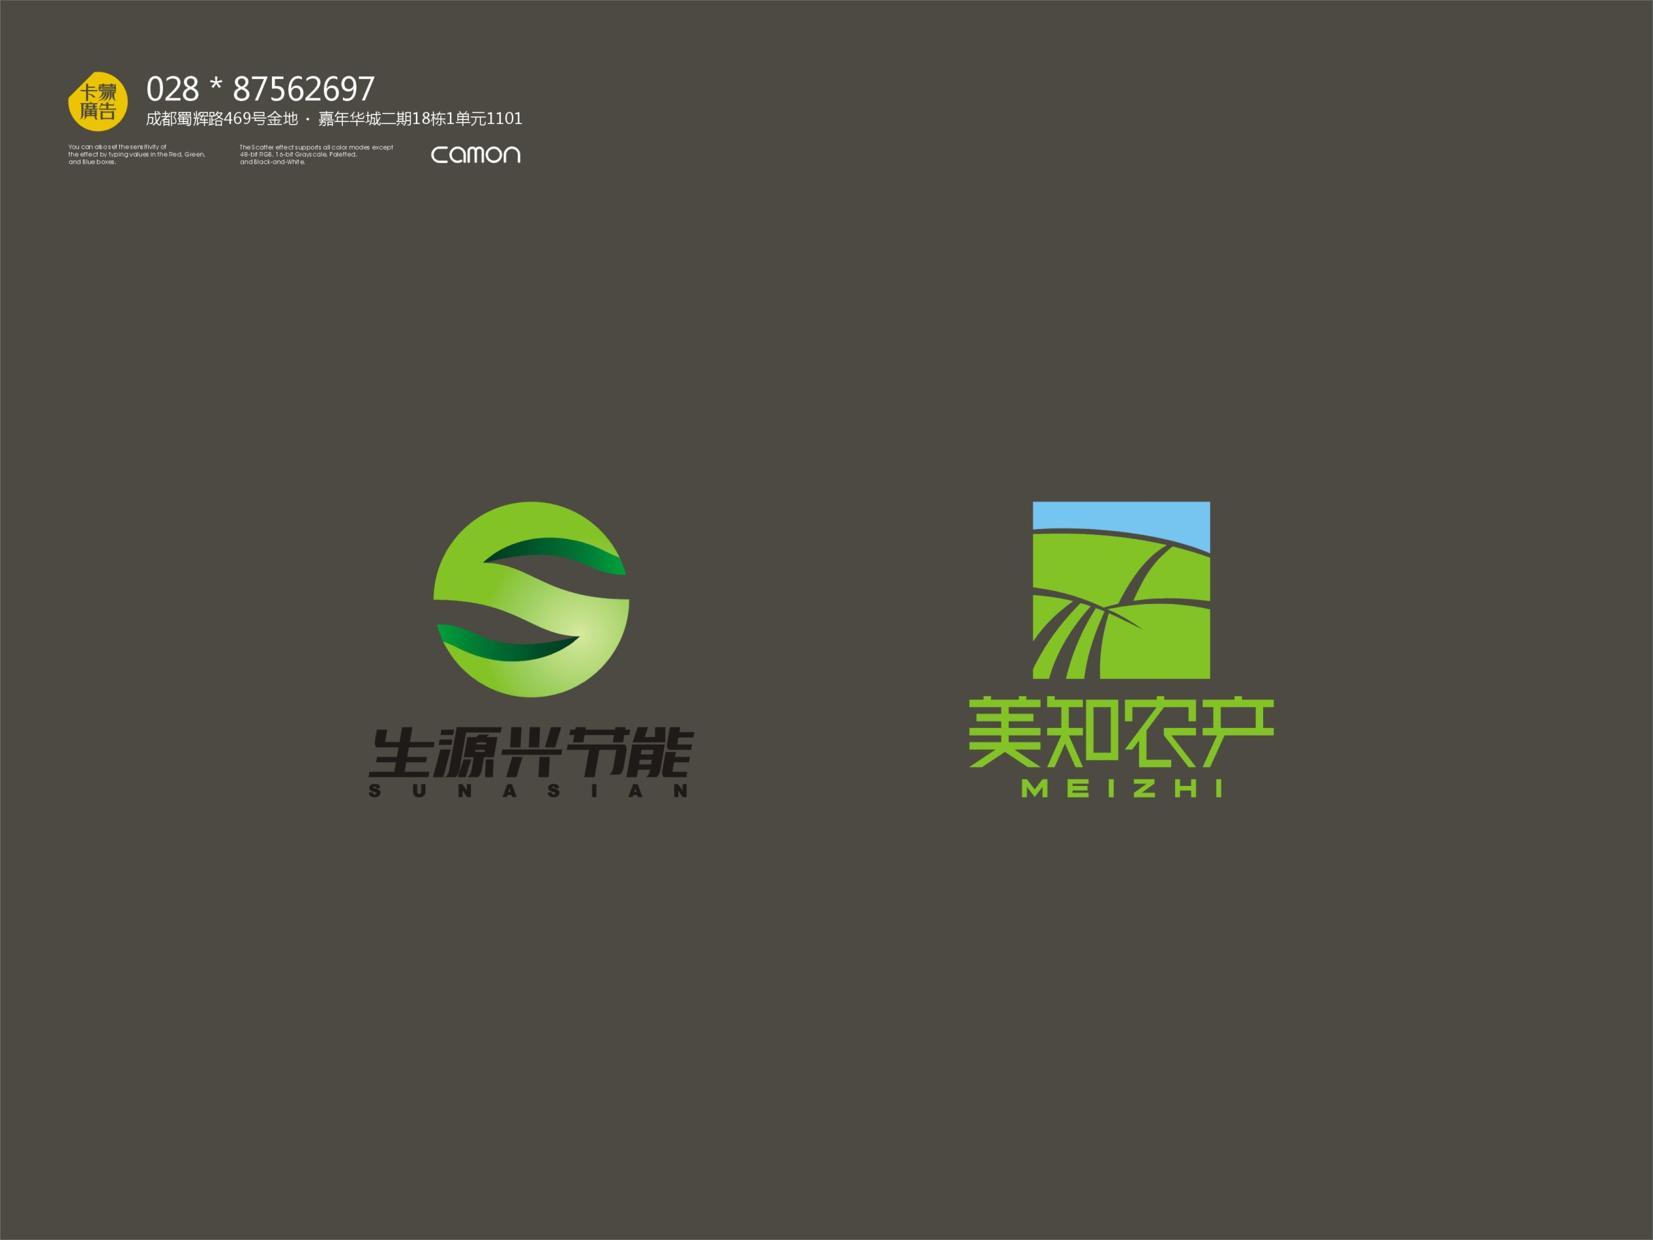 美知农产—logo设计